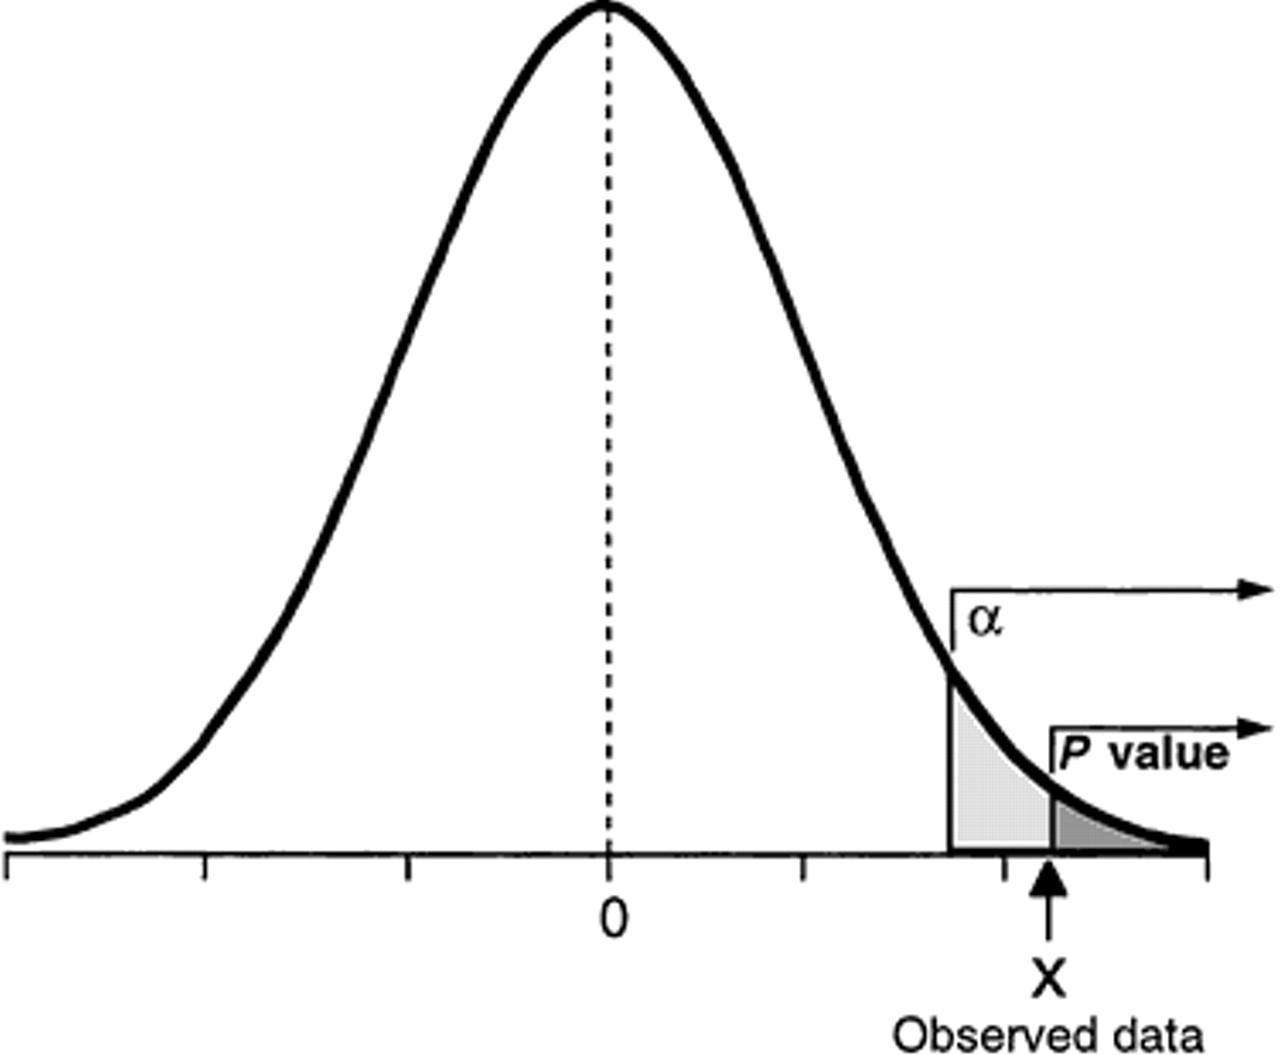 p-value faith | Triangulations